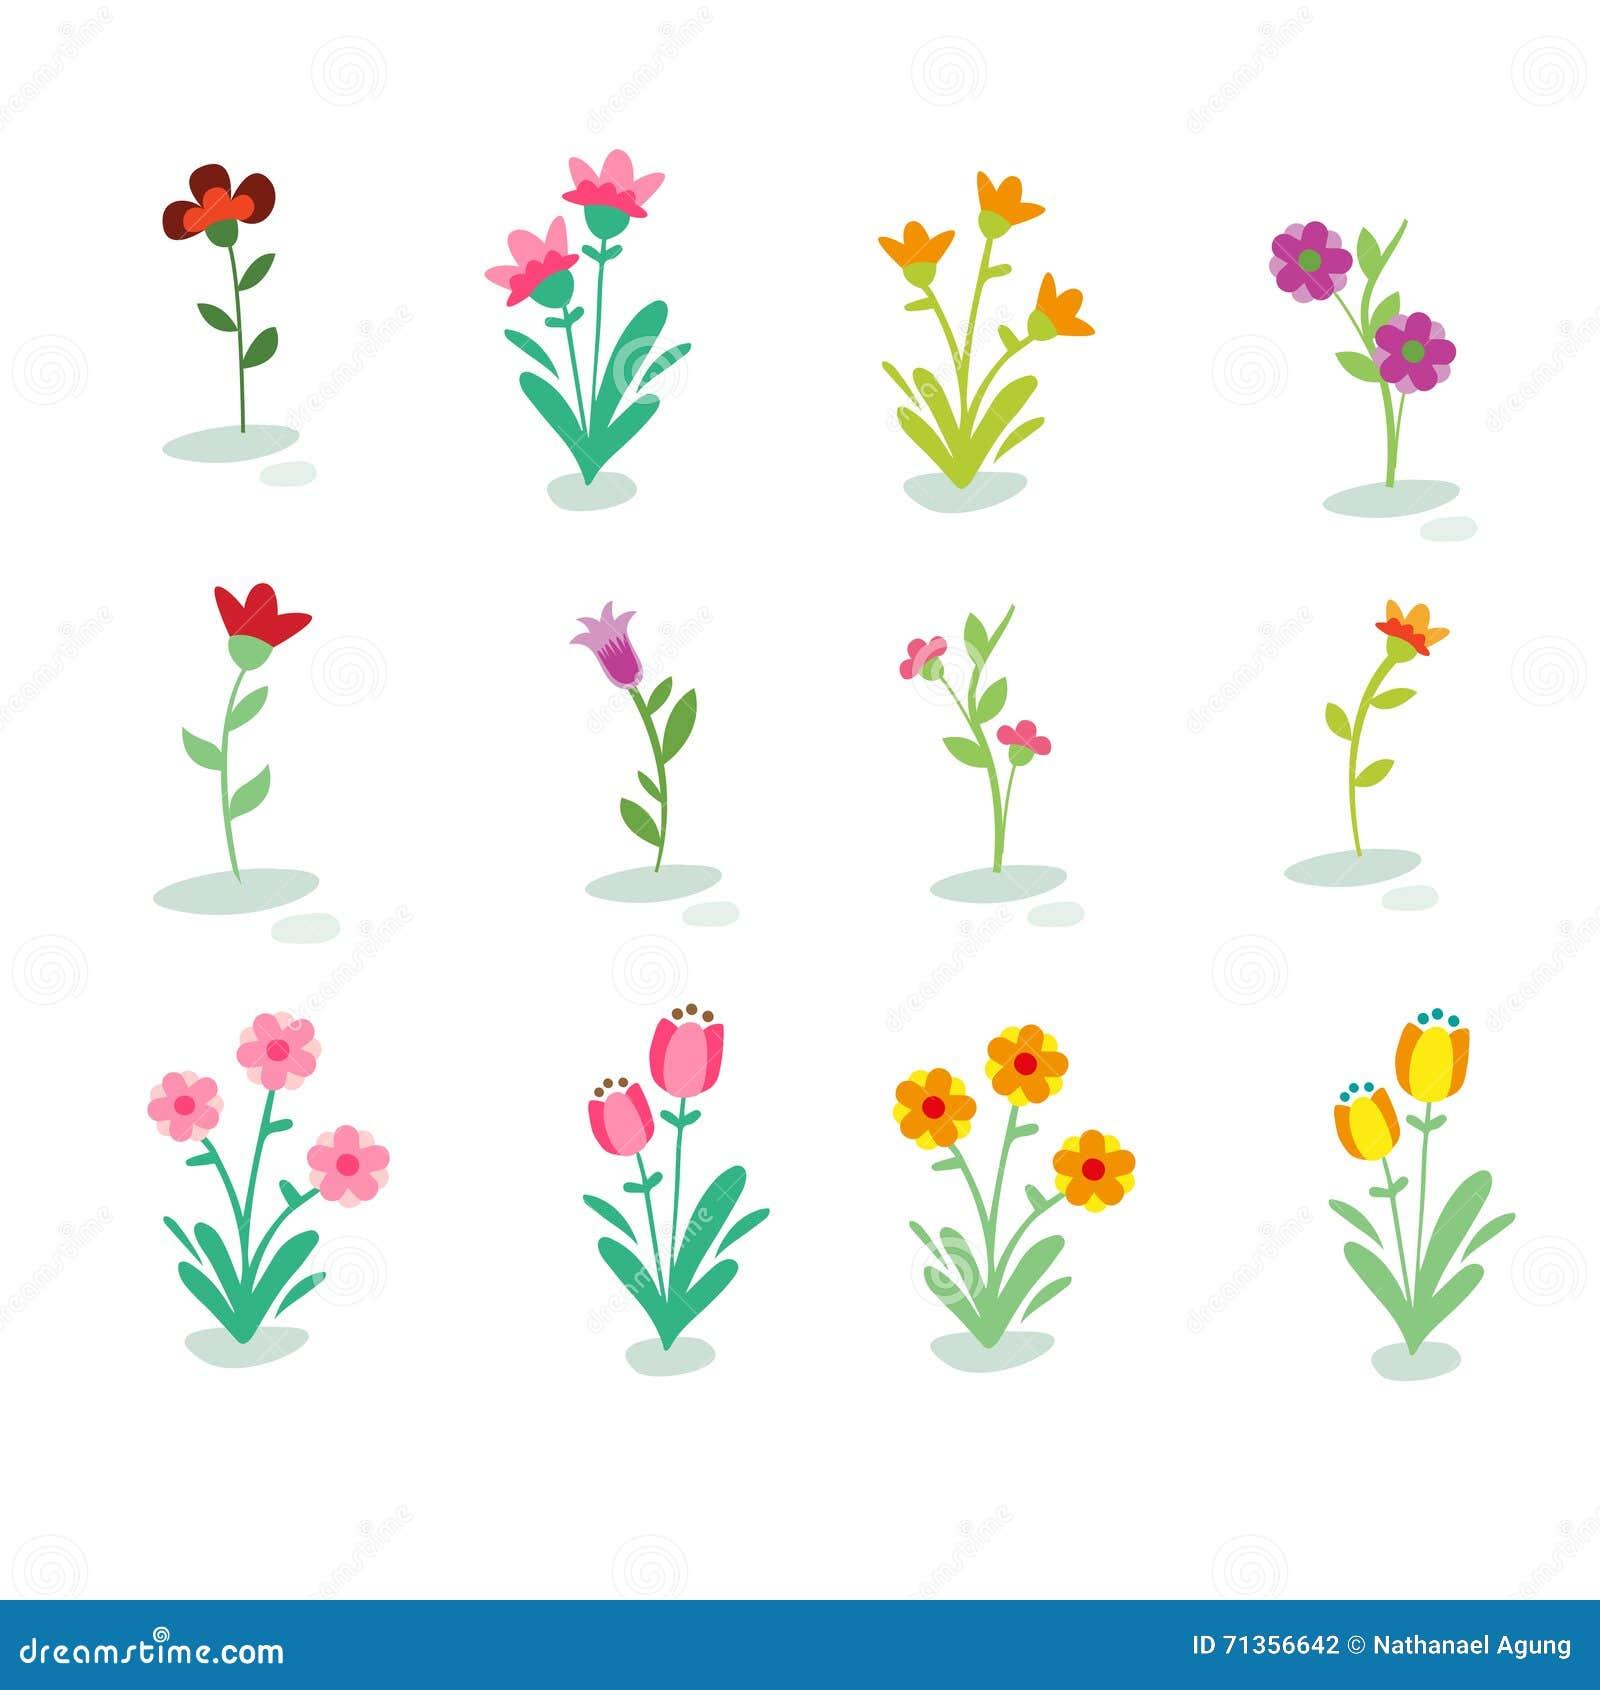 Απεικόνιση του διαφορετικού είδους λουλουδιών